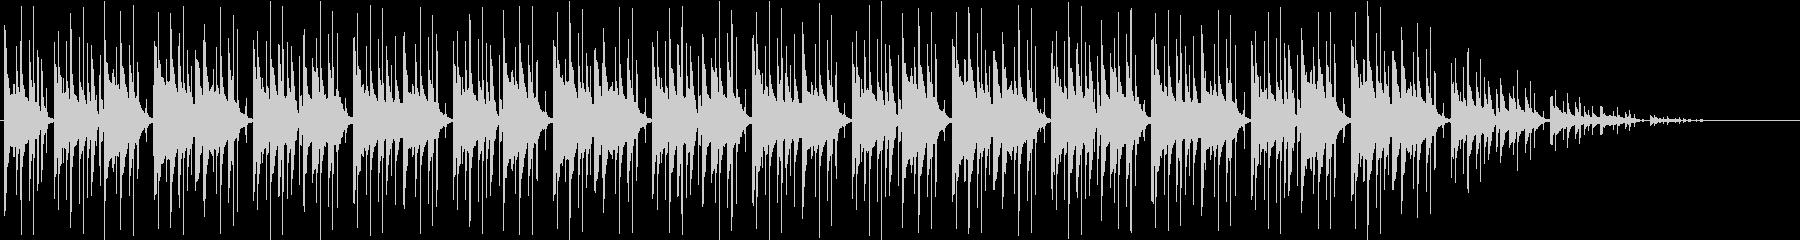 ゲーム・フィールド系モノのループ曲2の未再生の波形